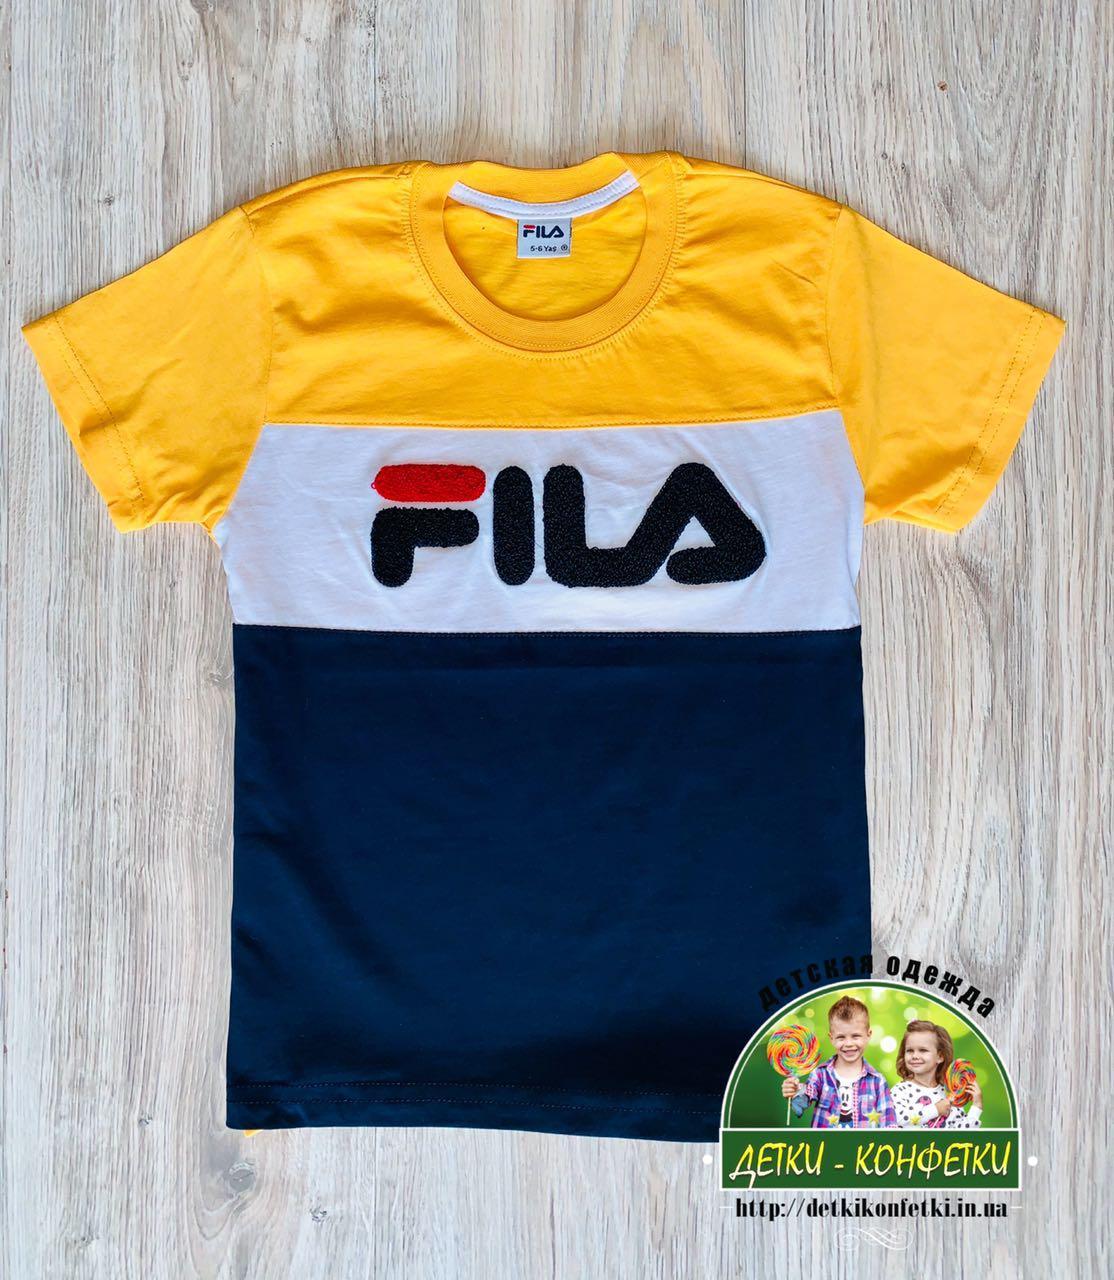 Детская футболка Fila